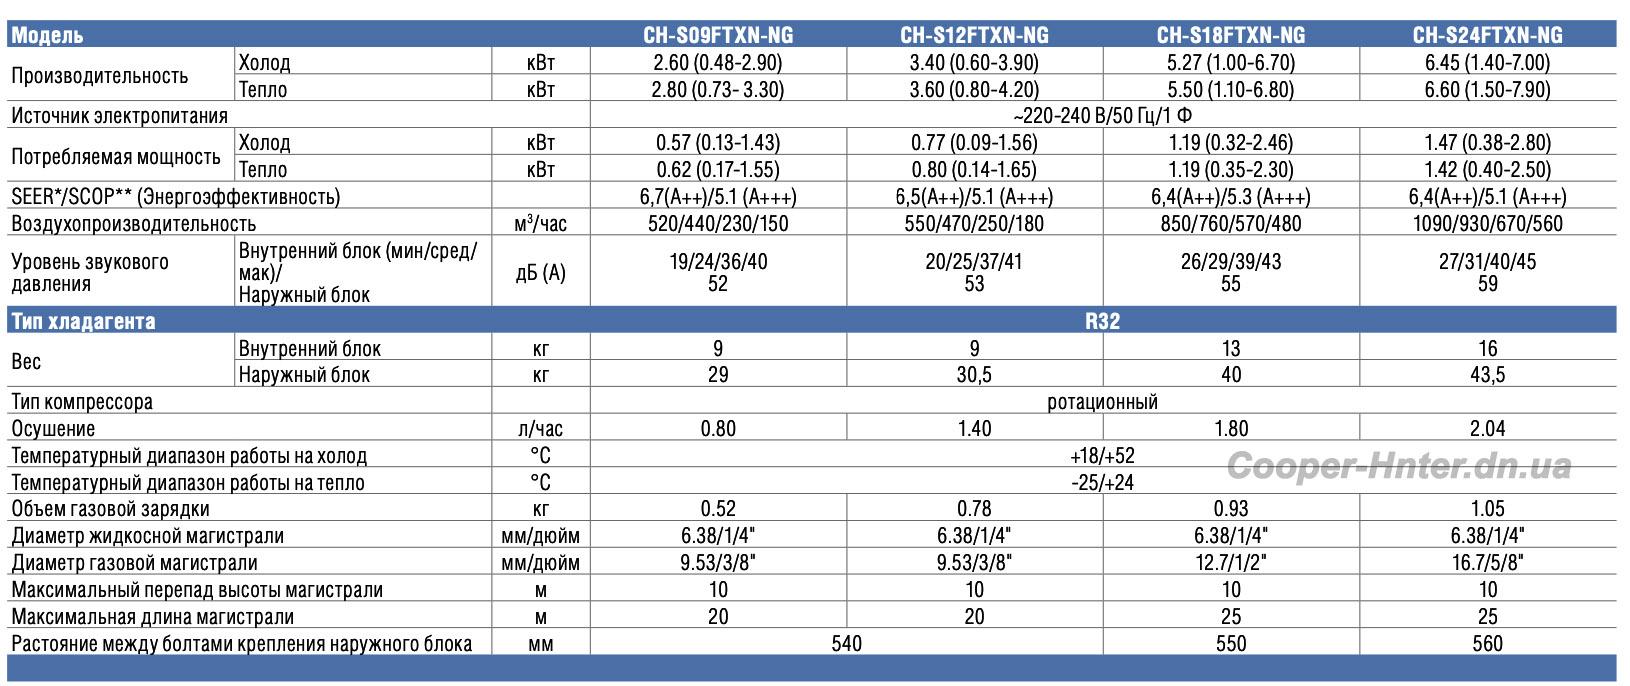 КондиционерCooper&HunterCH-S12FTXN-NG- Бытовой тепловой насос. Адаптирован для работы на тепло в северных странах. Устойчивая работа на обогрев до -25С.